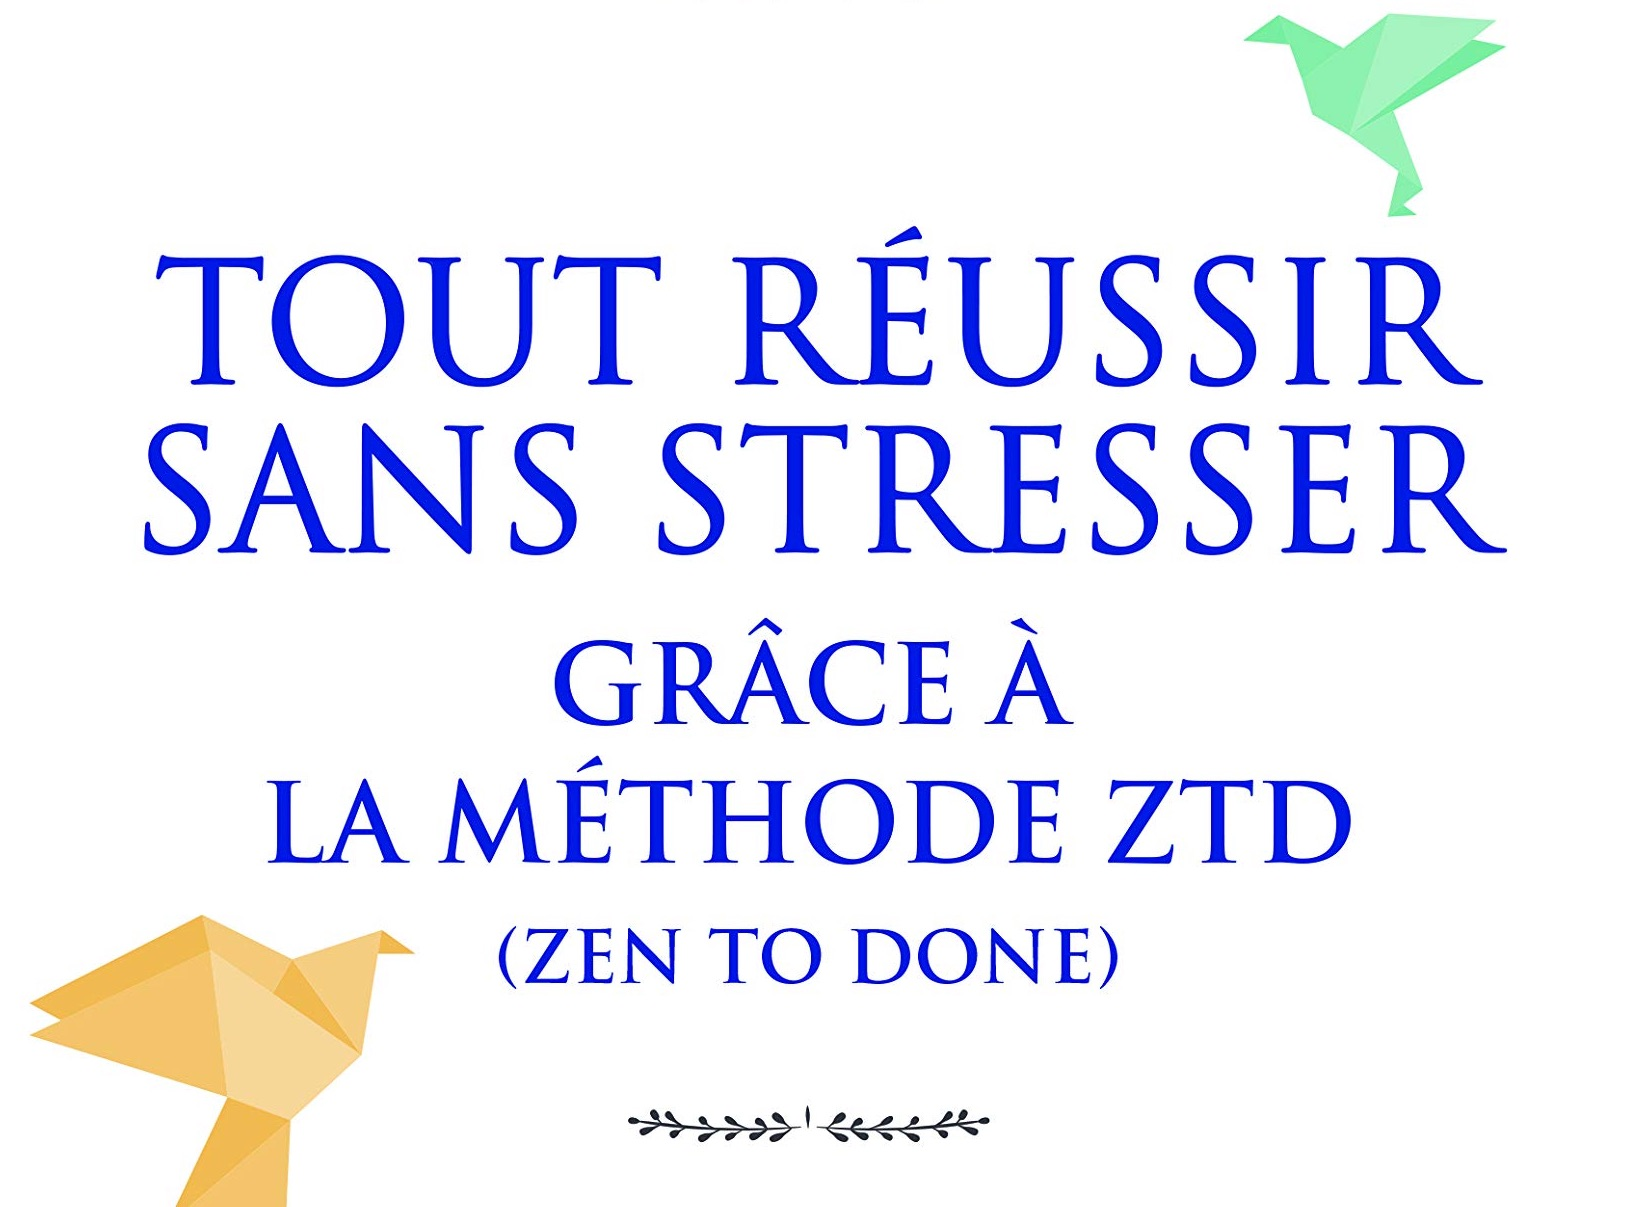 Utiliser la méthode Zen to Done (ZTD)